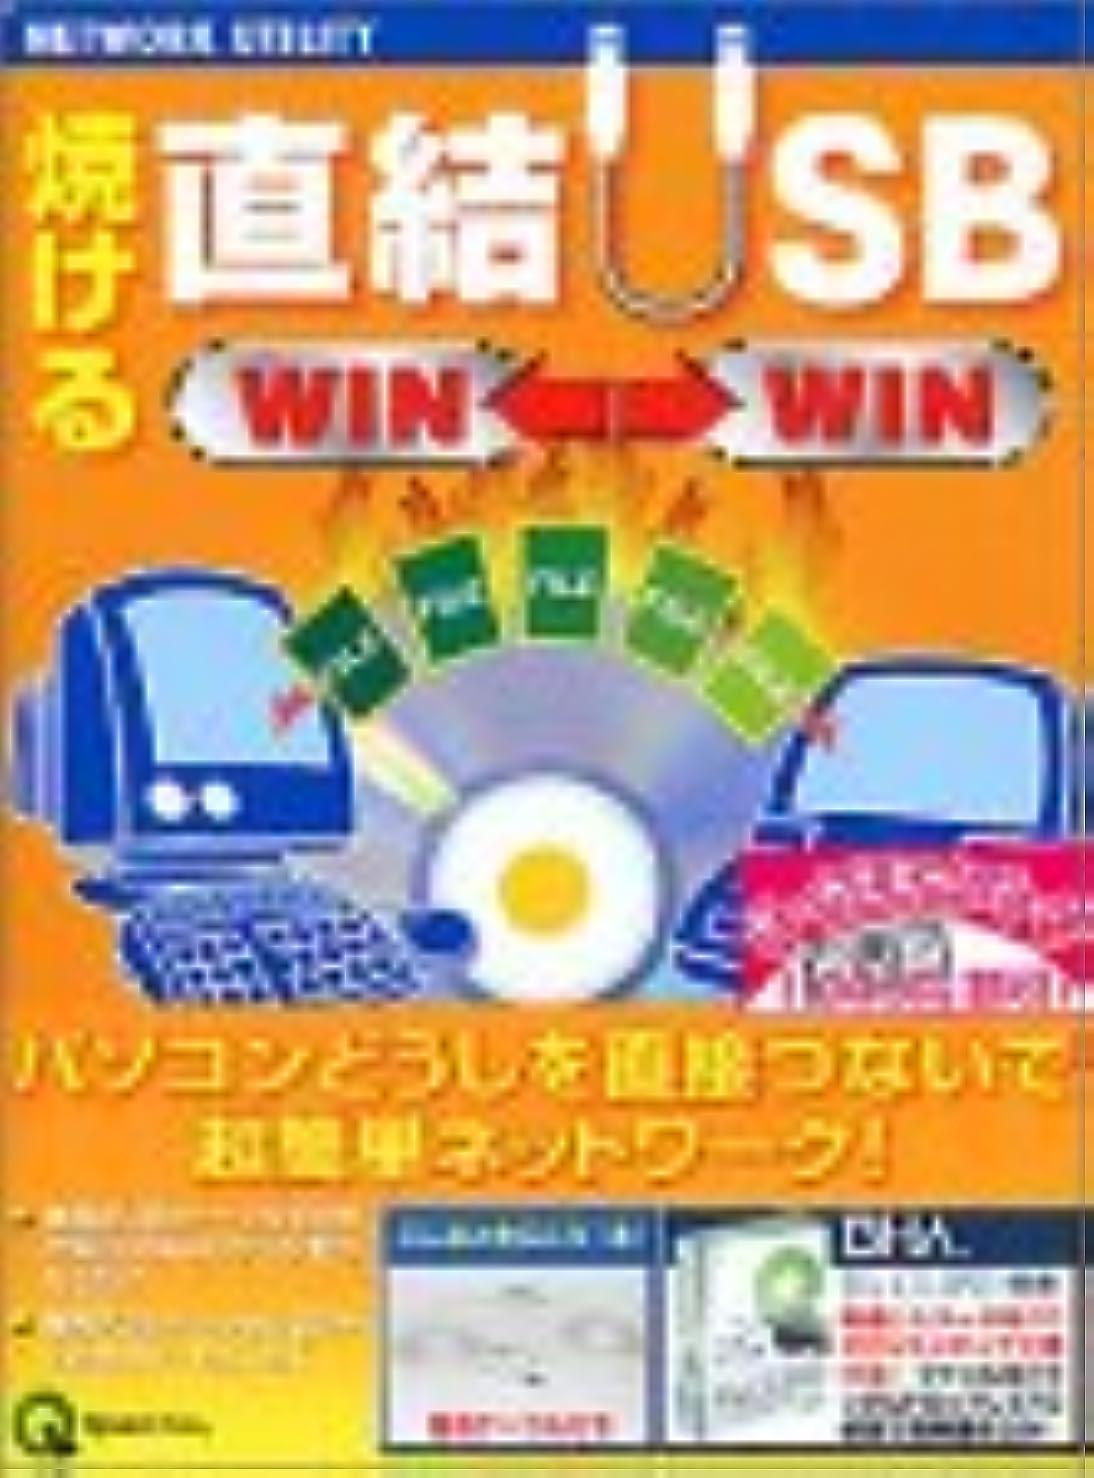 シェアスロー注目すべき焼ける 直結USB Win←→Win ボーナスキャンペーン版